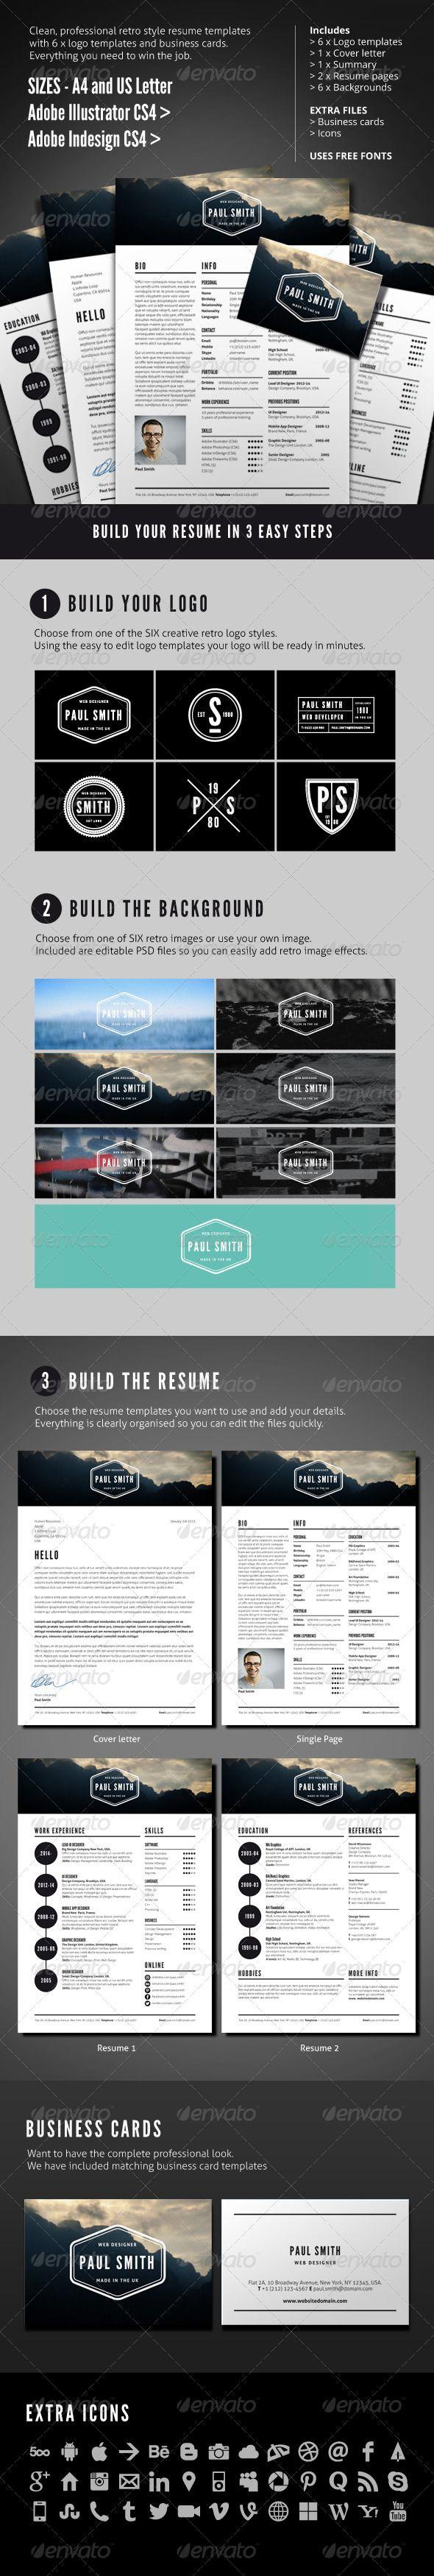 images about cv design job resume